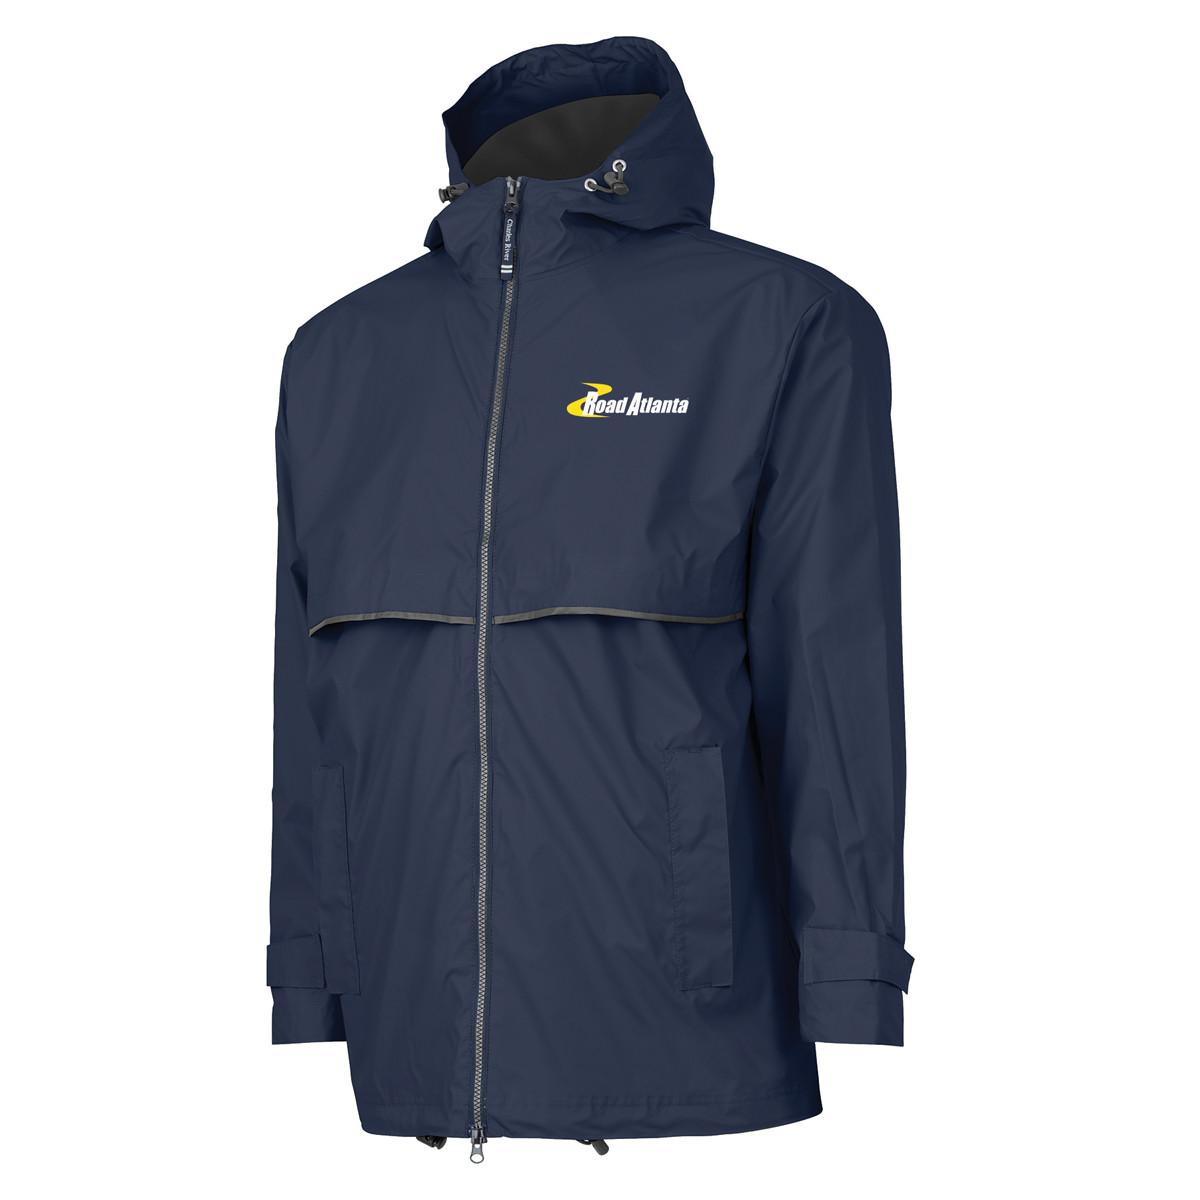 Road Atlanta New England Rain Jacket- Navy